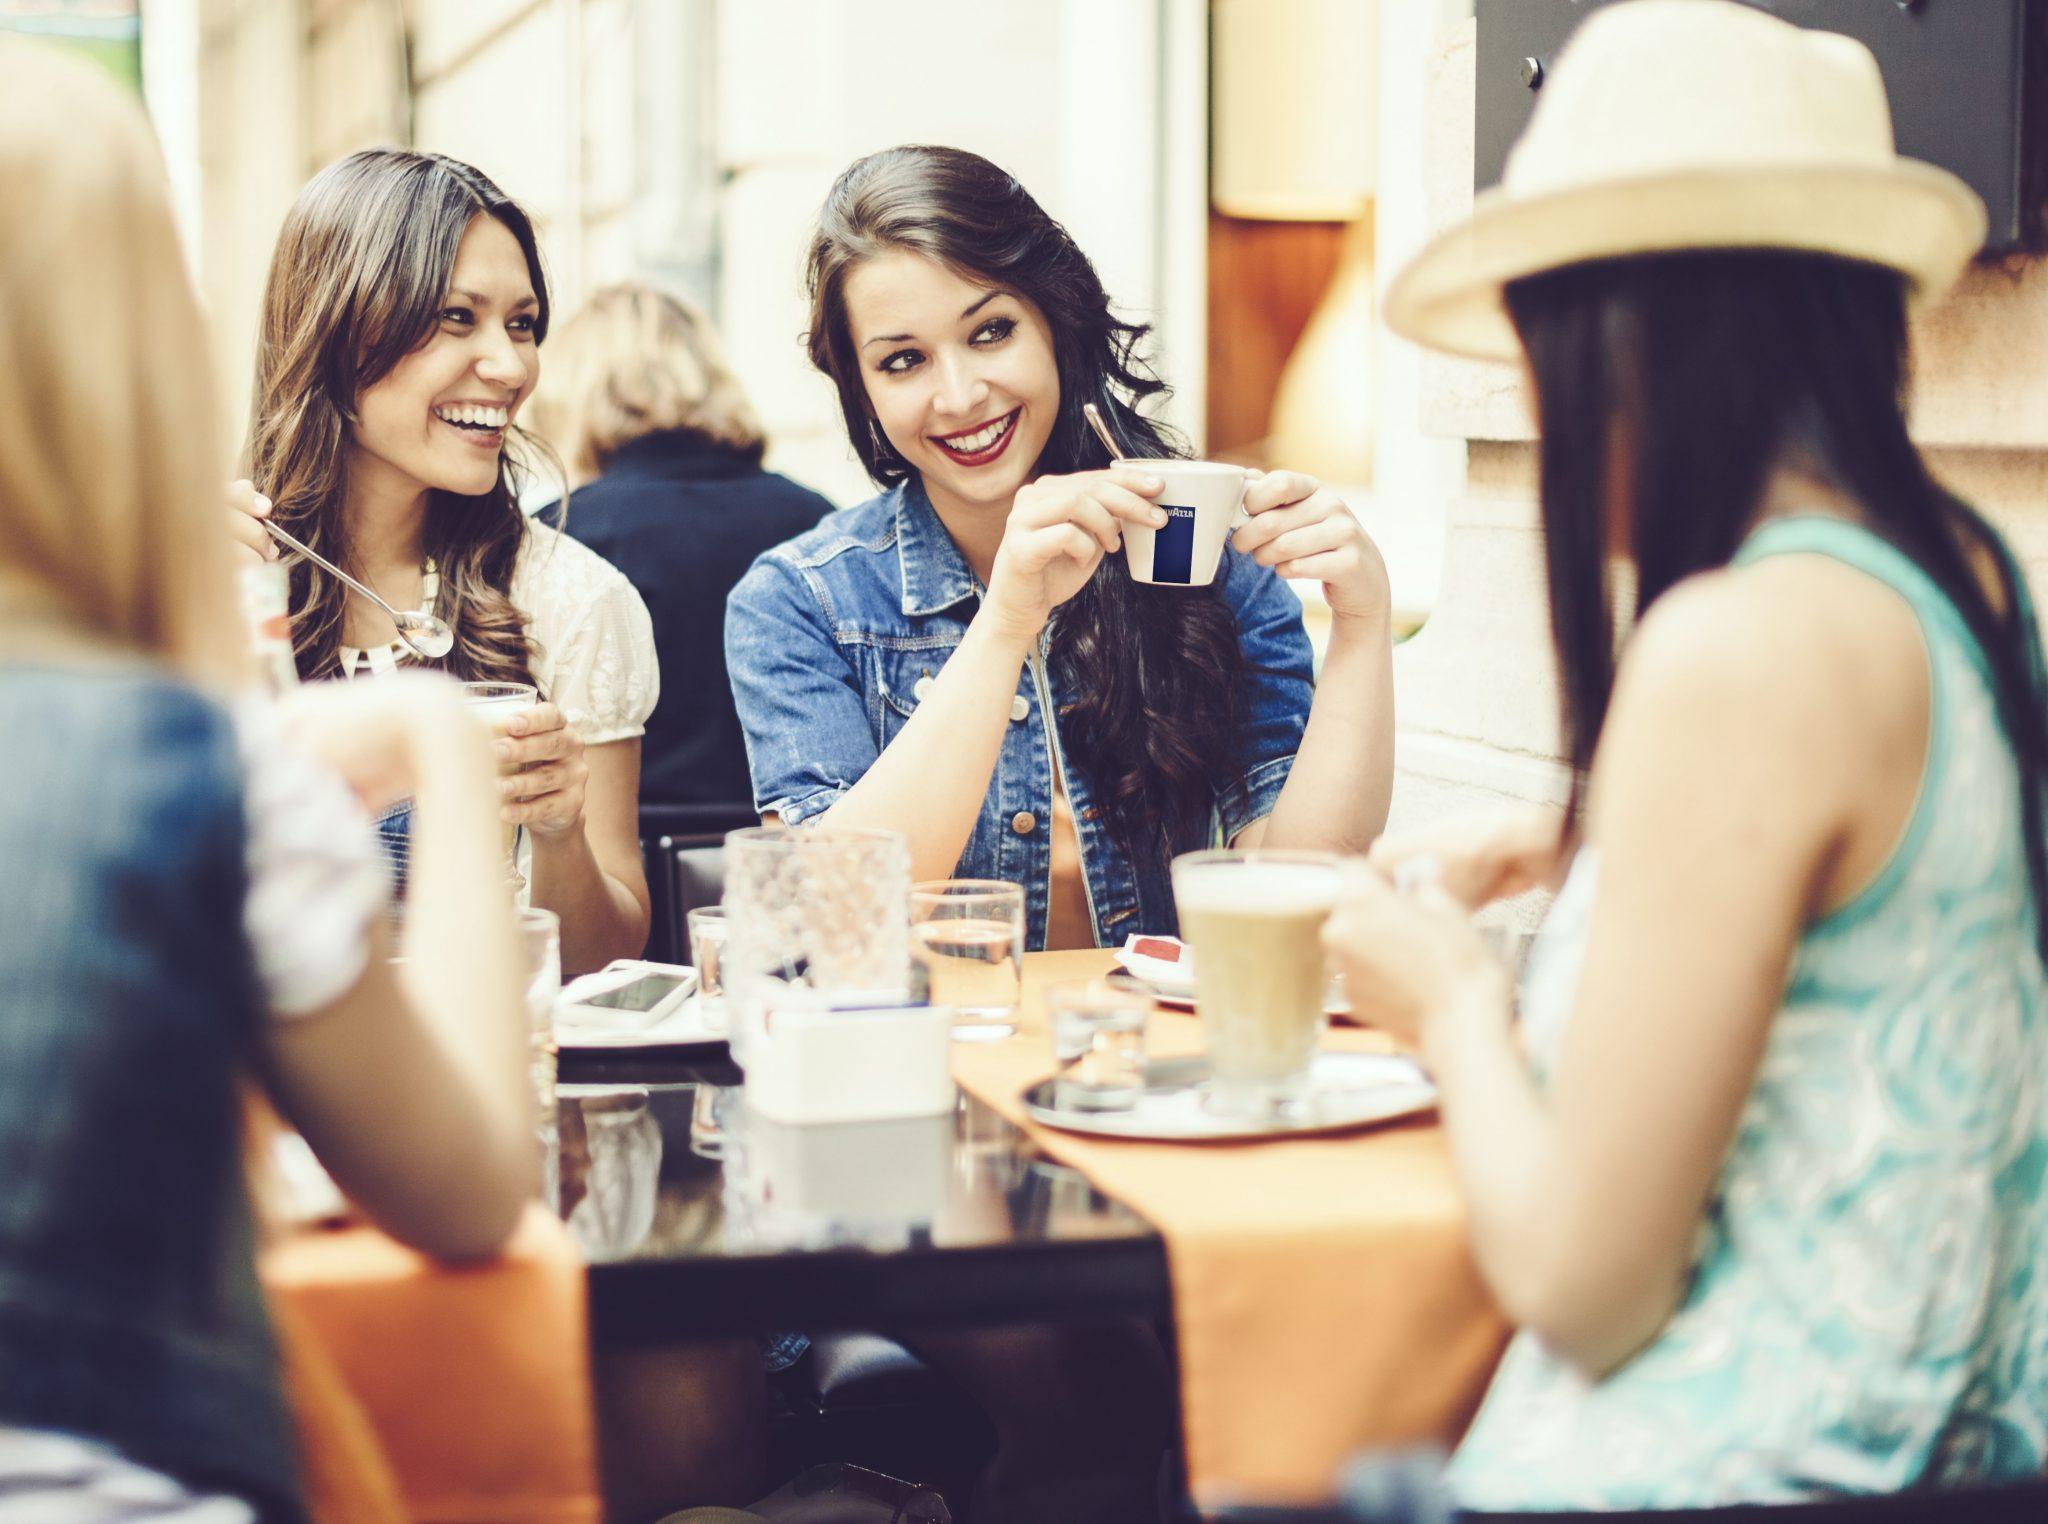 Lavazza kávé, hazai kávéfogyasztási szokások